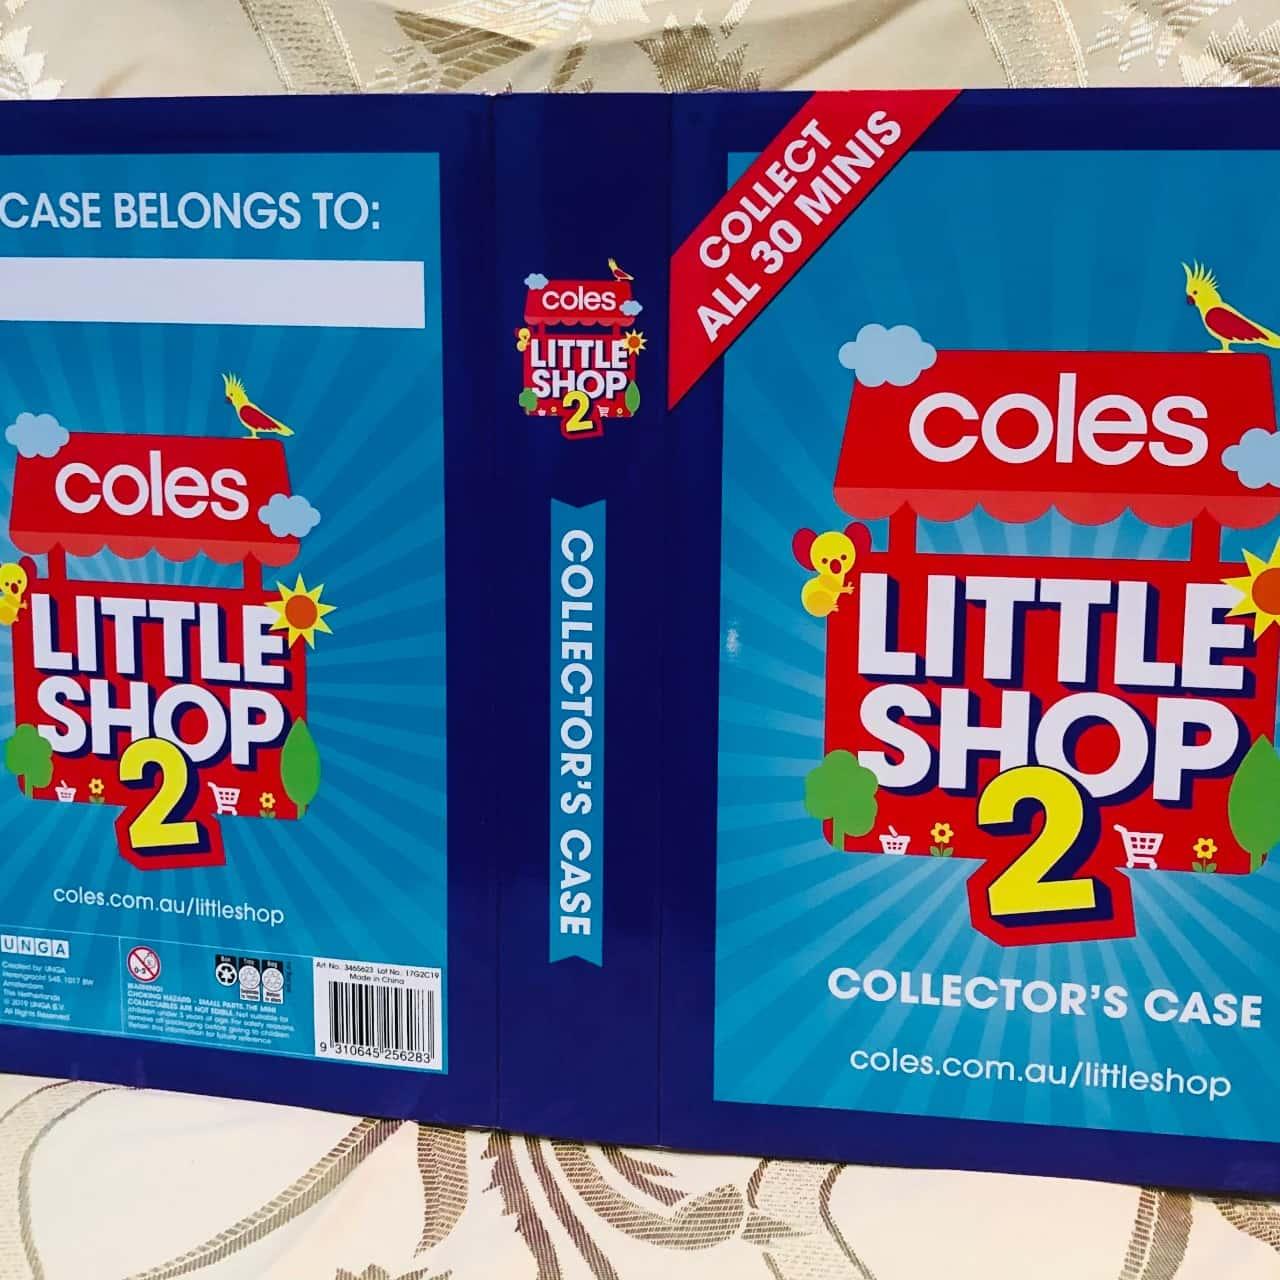 Cloes Little Shop 2 Collector's Case